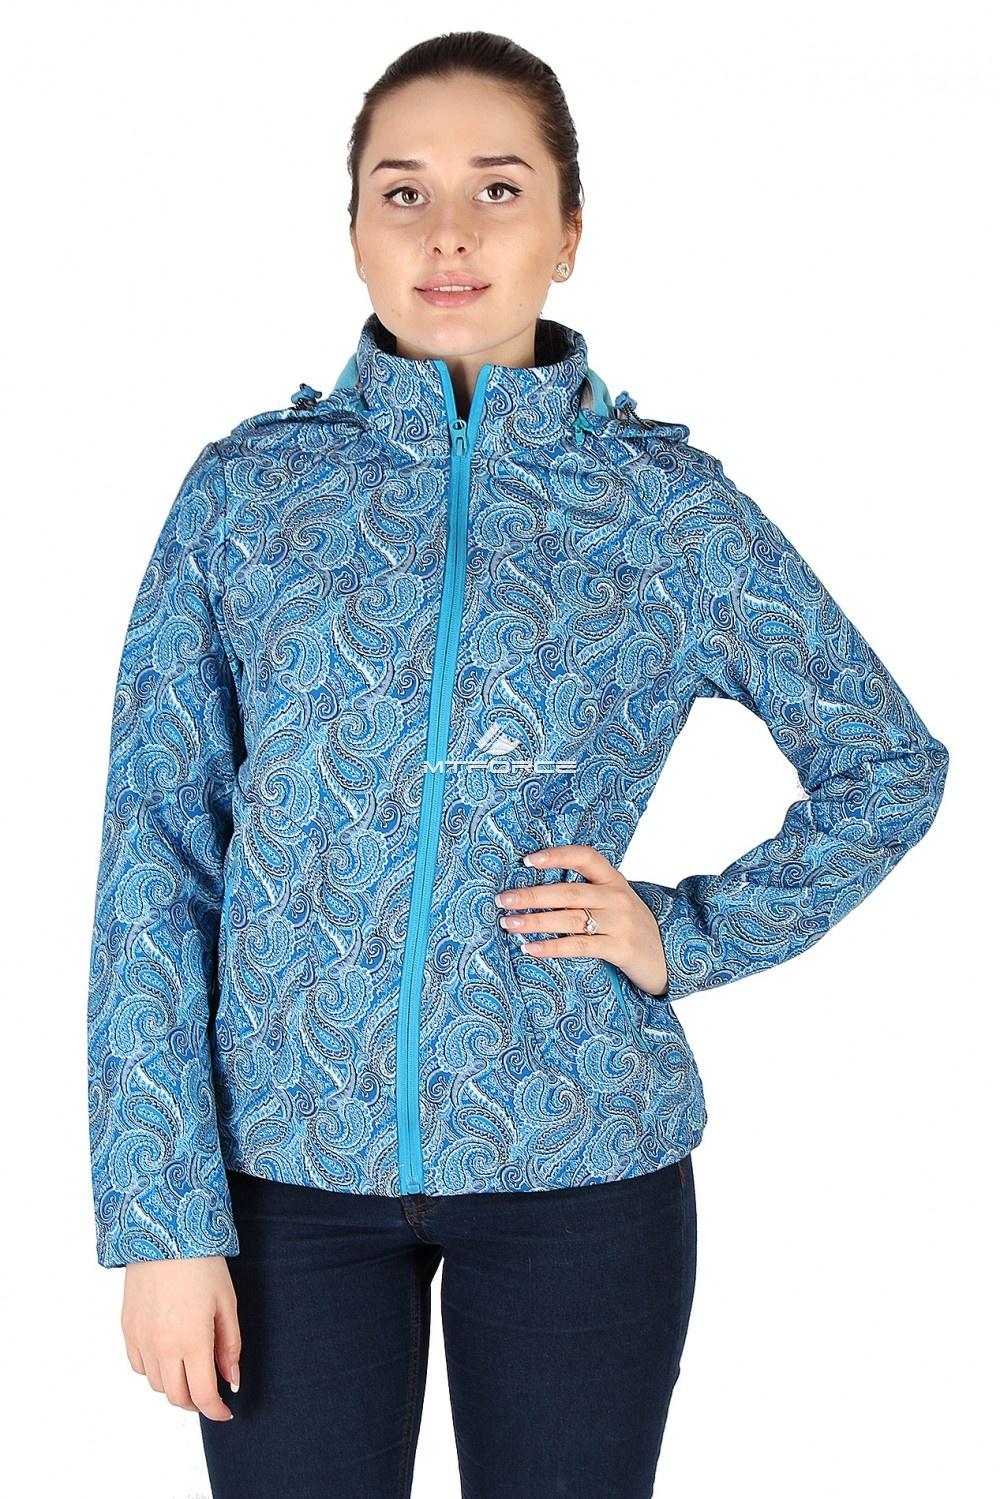 Купить                                  оптом Куртка ветровки батал женская синего цвета 922S